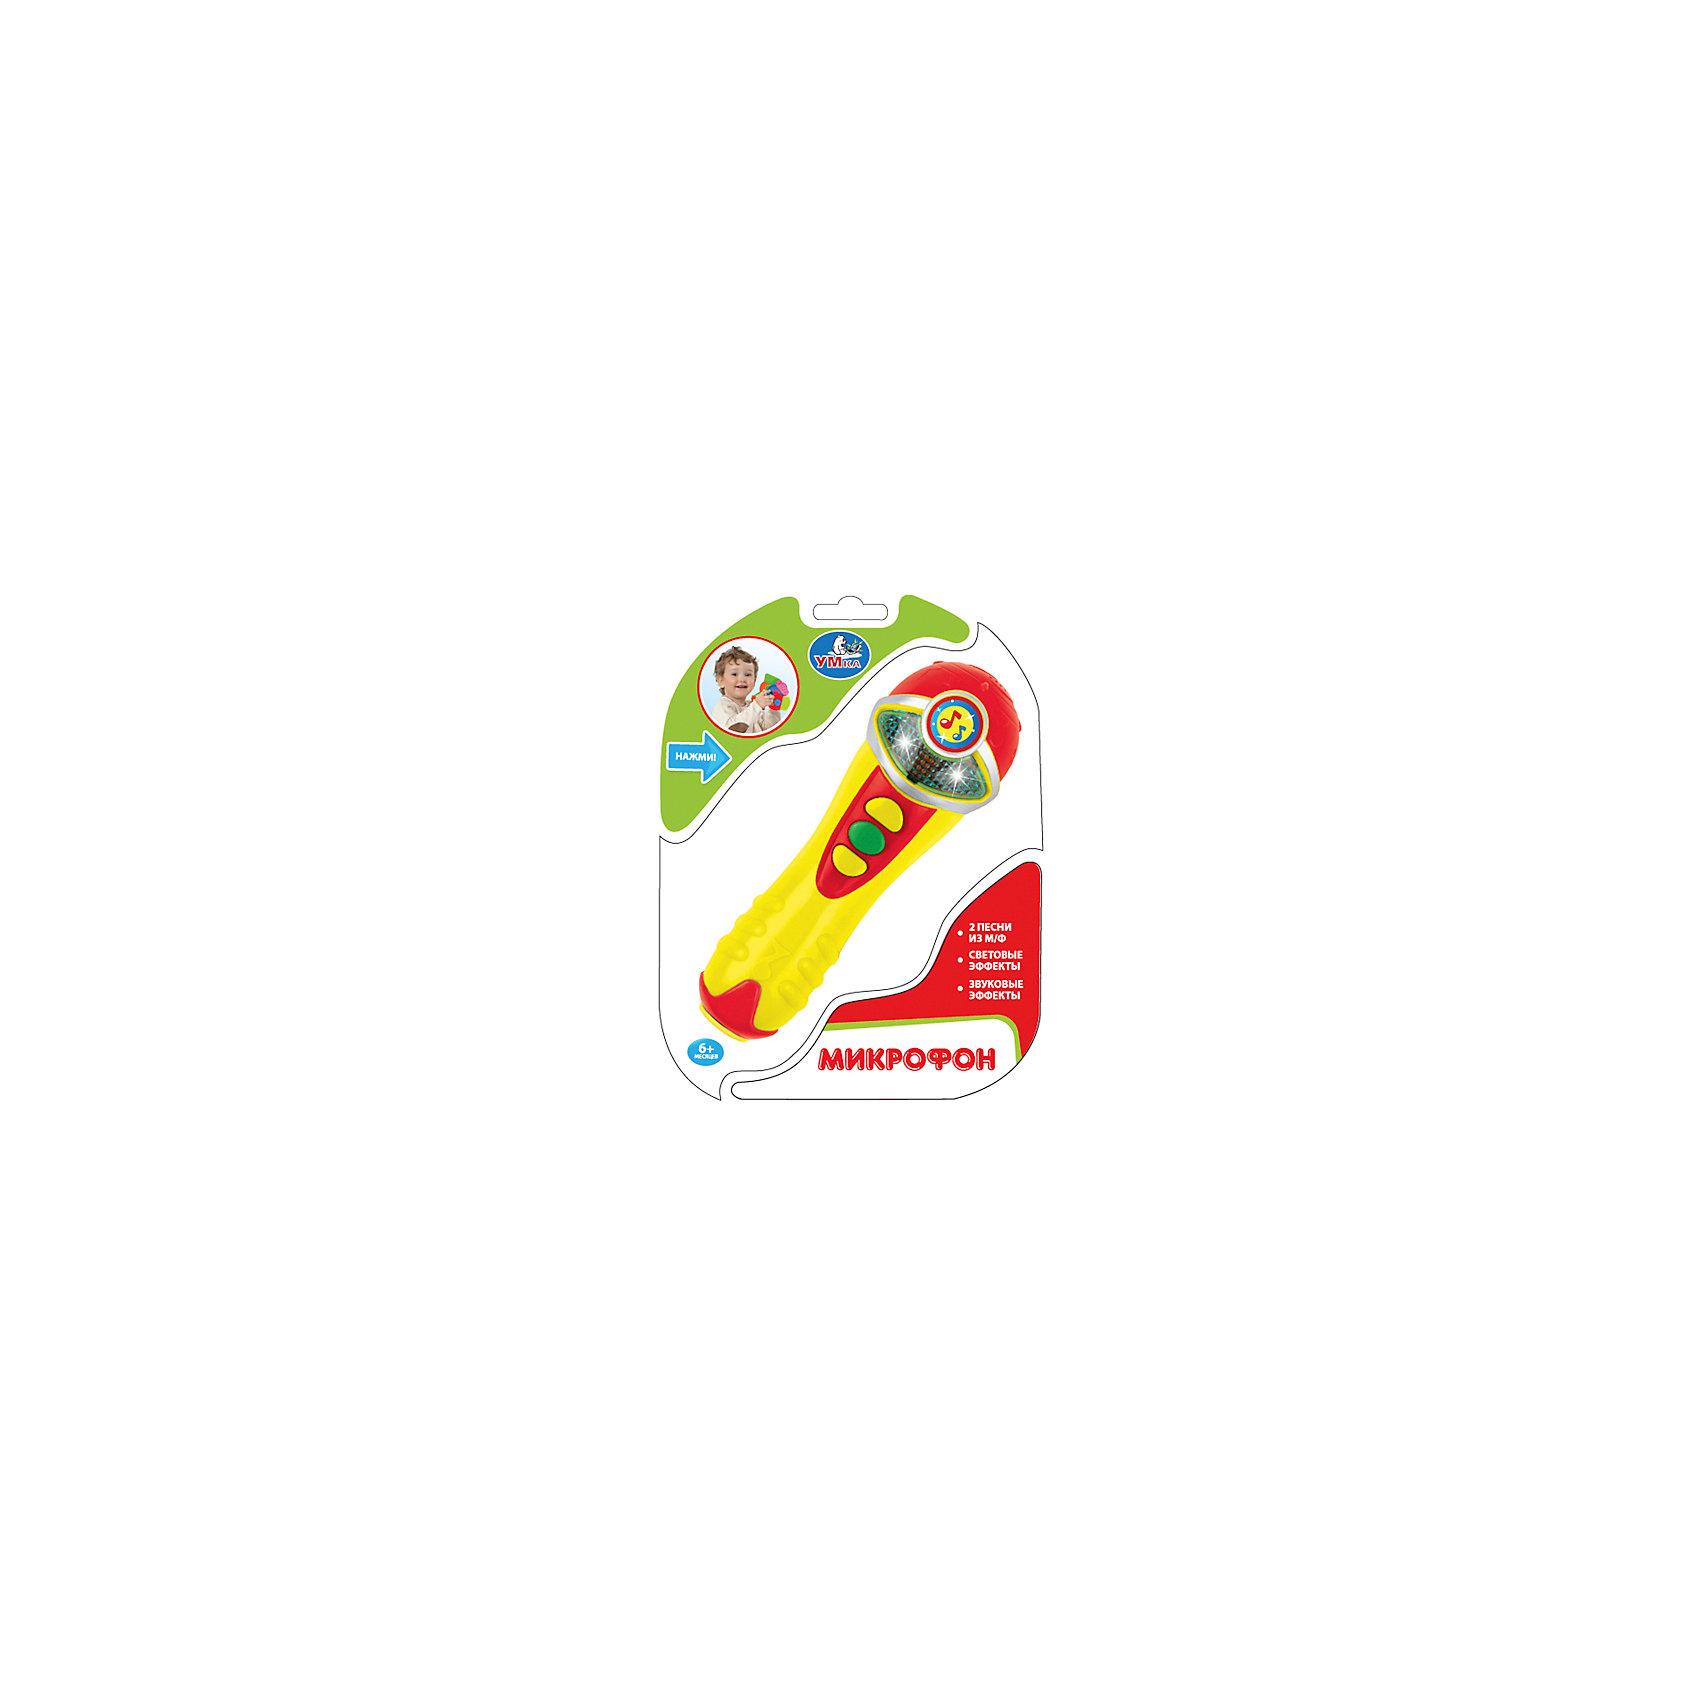 Микрофон с песнями В.Шаинского (3 песни), со светом и звуковыми эффектами, УмкаДетские музыкальные инструменты<br>Микрофон с песнями В. Шаинского (3 песни), со светом и звуковыми эффектами, Умка – игрушка подарит малышу много прекрасных и радостных моментов.<br>Этот развивающий и очень внешне привлекательный микрофон познакомит ребенка с миром музыки и просто доставит ему много радости. Он даст малышу возможность прослушать 3 песни В. Шаинского. Для того, чтобы играть было интереснее, производитель оснастил его световыми эффектами и функцией аплодисменты. Корпус устройства выполнен из высококачественного пластика ярких цветов. Чтобы начать игру, малышу будет достаточно нажать одну из кнопок, расположенных на микрофоне. Нажимая на кнопки, слушая веселые песенки, ваш малыш проведет время увлекательно и с пользой. Игра с этим микрофоном развивает слух, зрение, музыкальную память, концентрацию внимания, моторику, воображение, артистизм, творческое мышление.<br><br>Дополнительная информация:<br><br>- Материал: пластик<br>- Батарейки: 2 типа LR44 (в комплект входят демонстрационные)<br>- Размер упаковки: 17 x 6 x 22 см.<br><br>Микрофон с песнями В. Шаинского (3 песни), со светом и звуковыми эффектами, Умка можно купить в нашем интернет-магазине.<br><br>Ширина мм: 440<br>Глубина мм: 340<br>Высота мм: 590<br>Вес г: 150<br>Возраст от месяцев: 36<br>Возраст до месяцев: 72<br>Пол: Унисекс<br>Возраст: Детский<br>SKU: 4185312